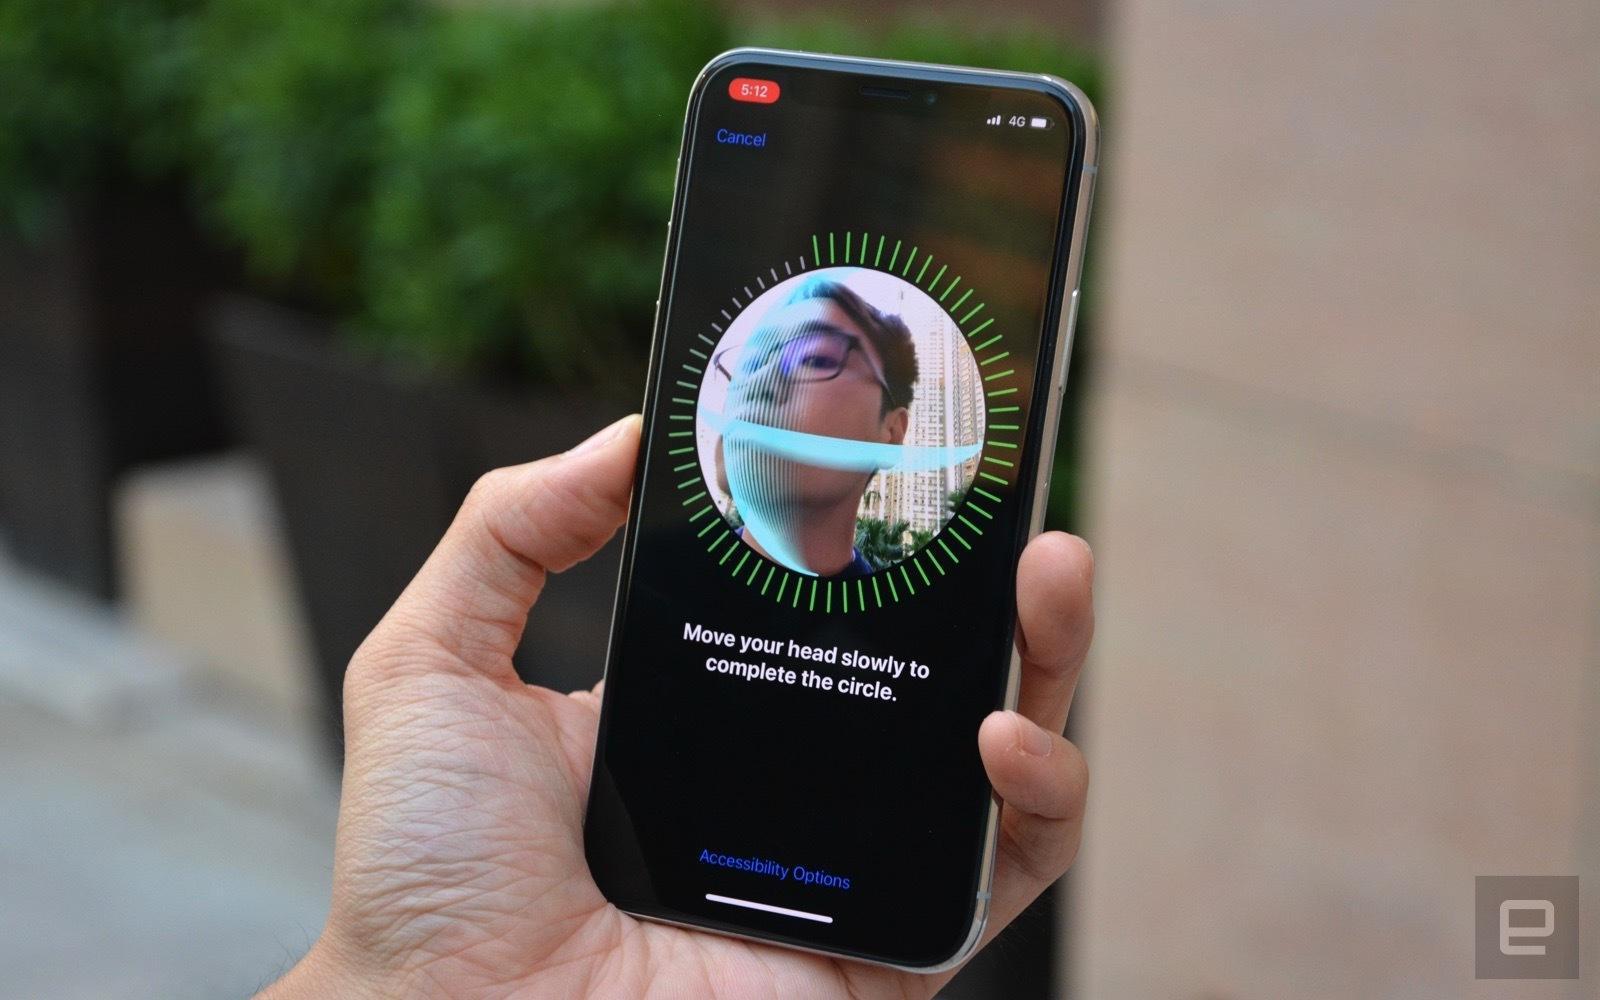 iPhone X的Face ID为什么不能授权家庭共享帐户?原来国外也有熊孩子